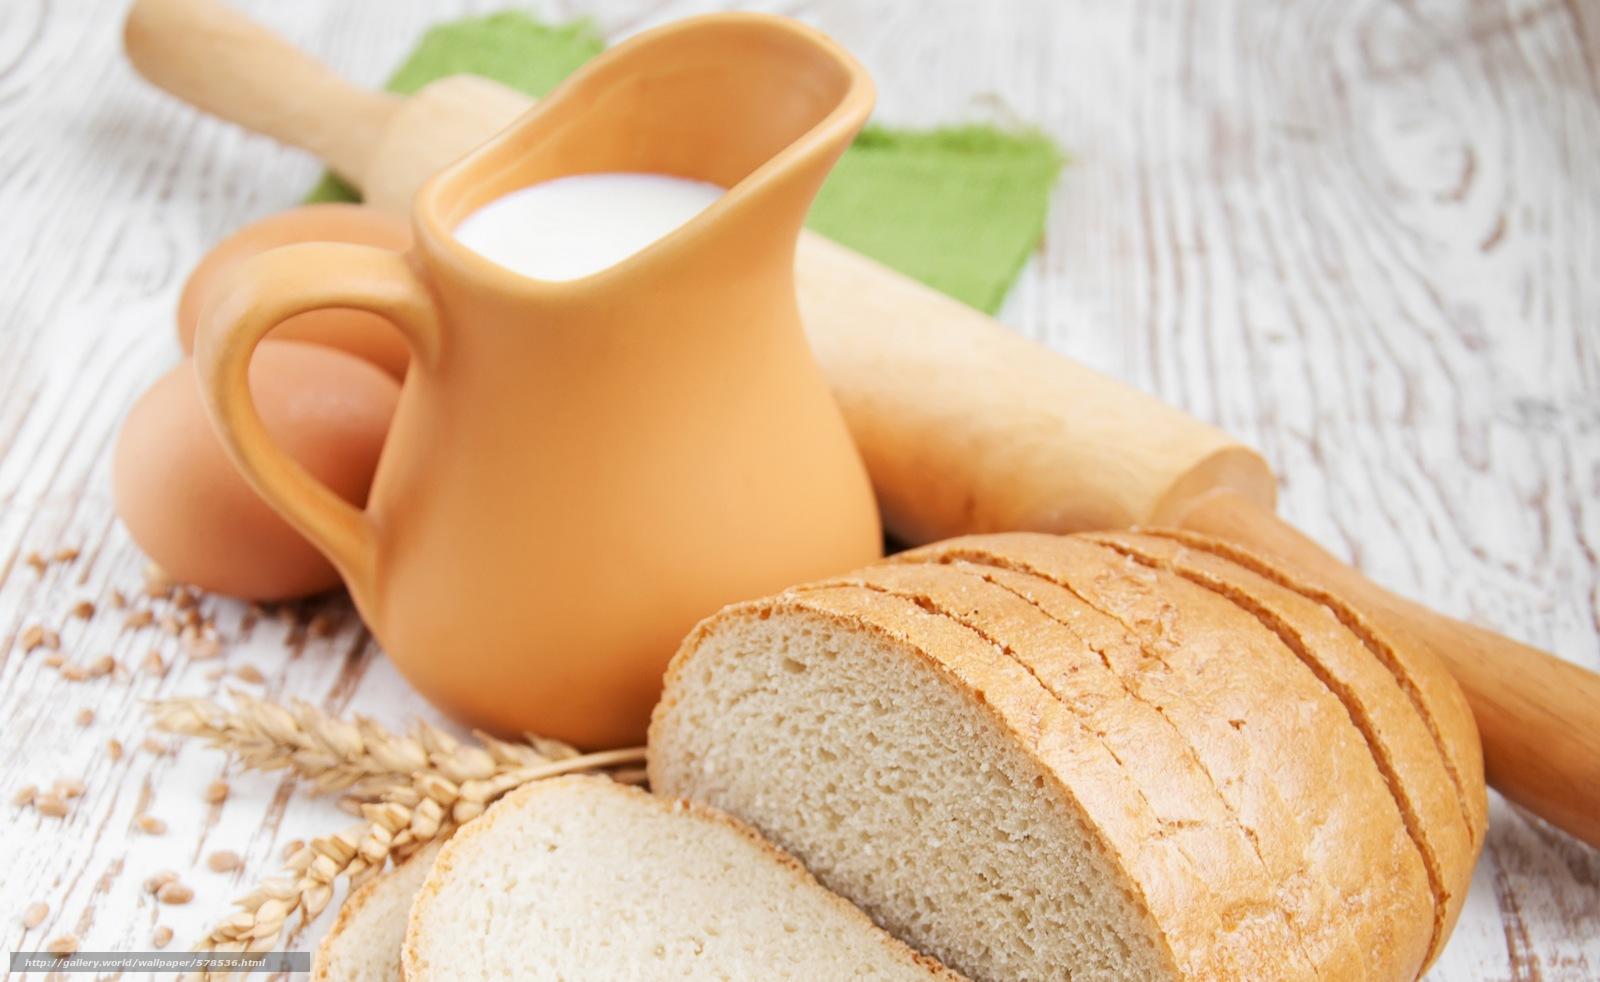 Скачать обои яйца,  хлеб,  кувшин,  скалка бесплатно для рабочего стола в разрешении 6500x3989 — картинка №578536